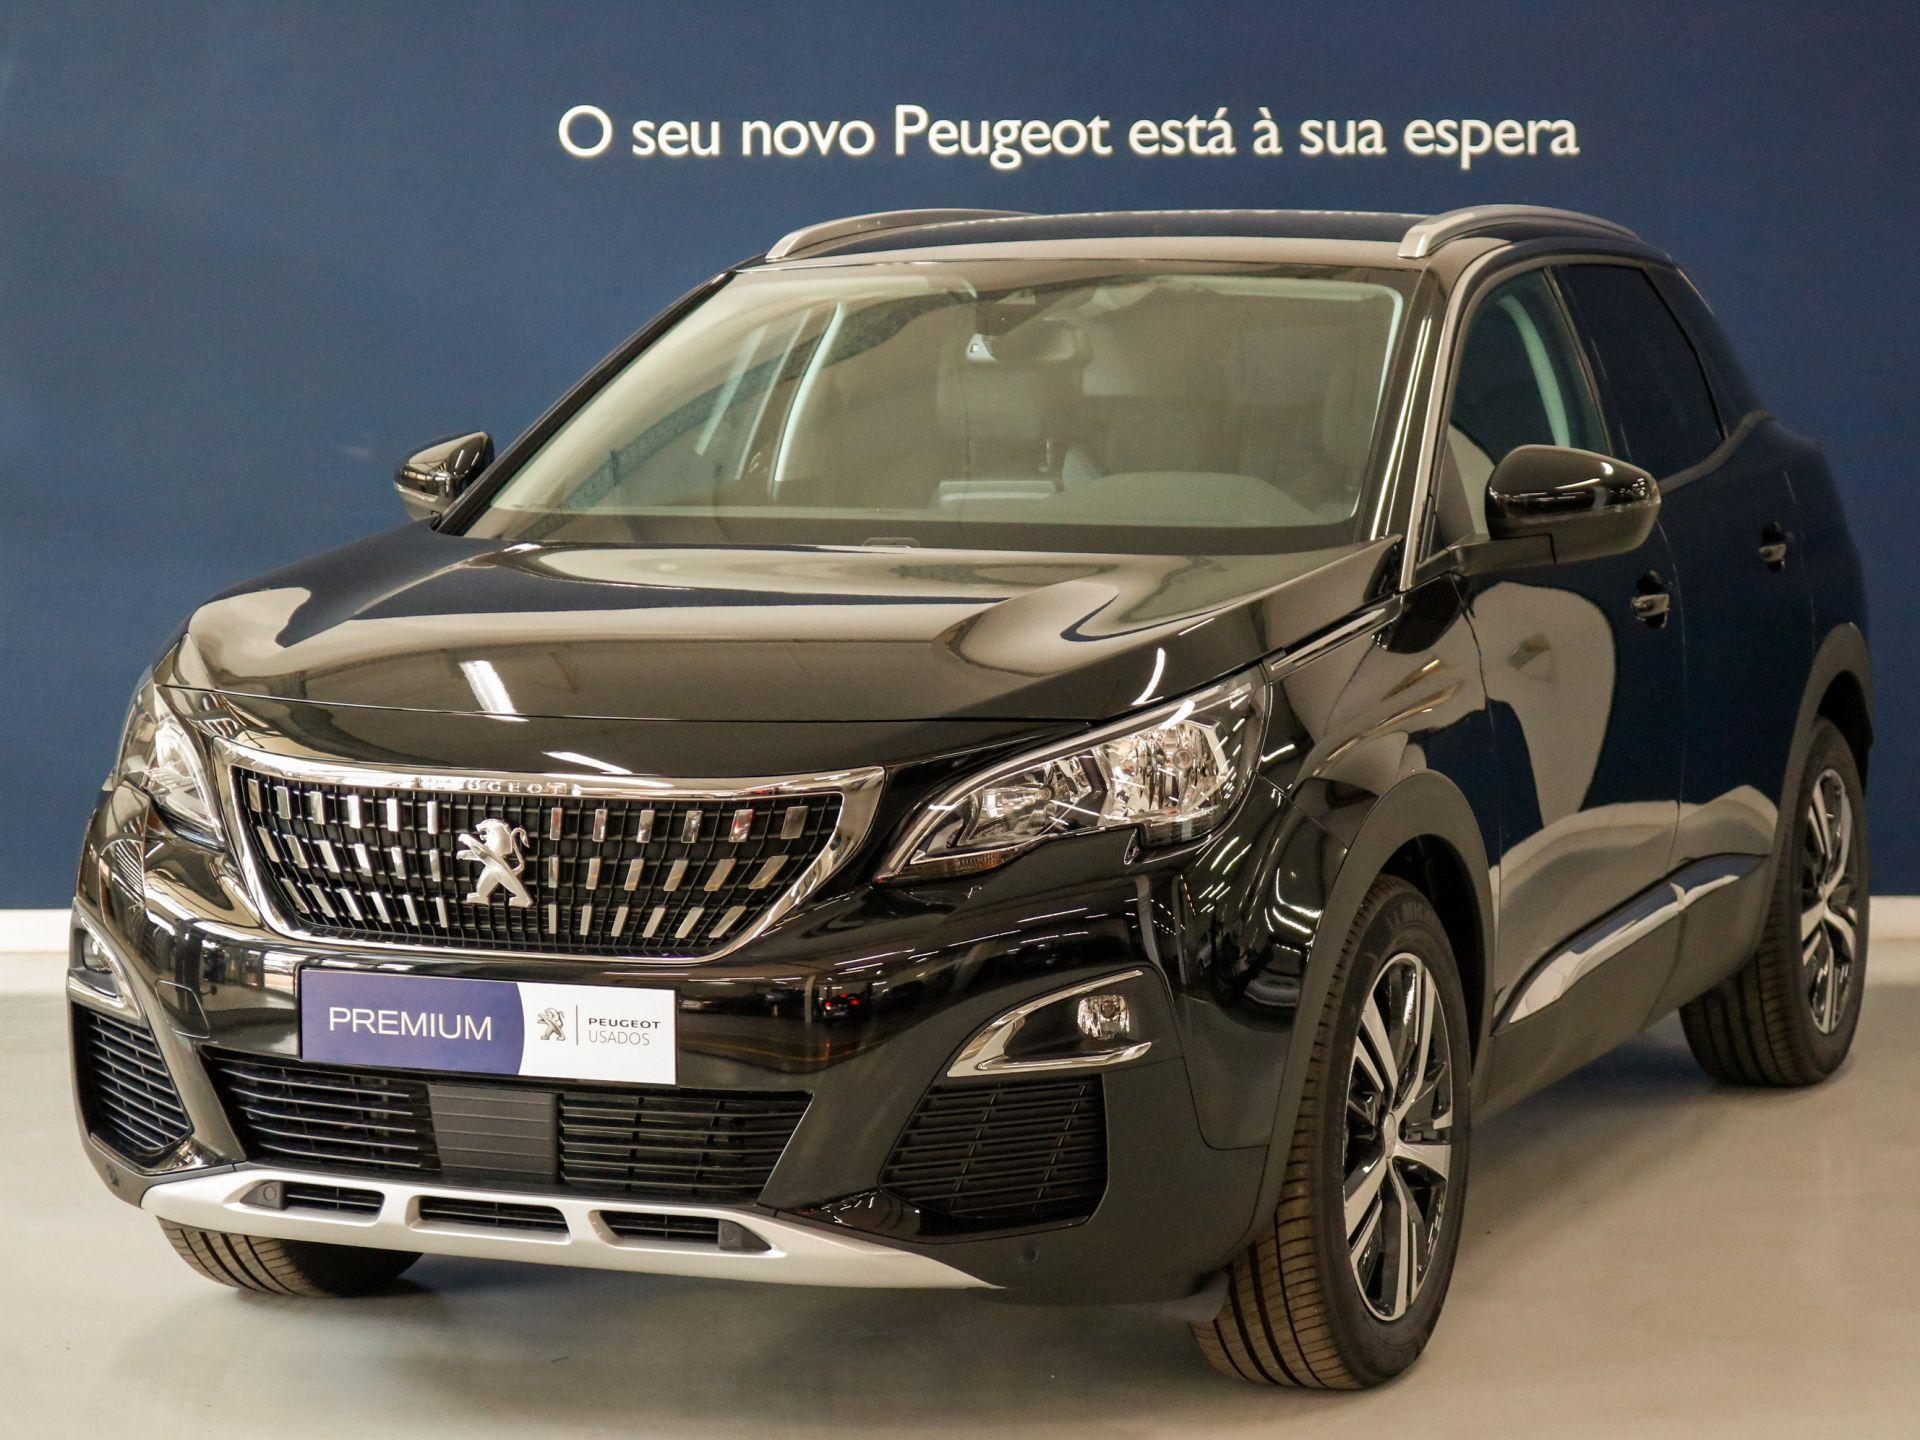 Peugeot 3008 Allure 1.5 BlueHDi 130 Eu 6.2d CVM6 segunda mão Setúbal